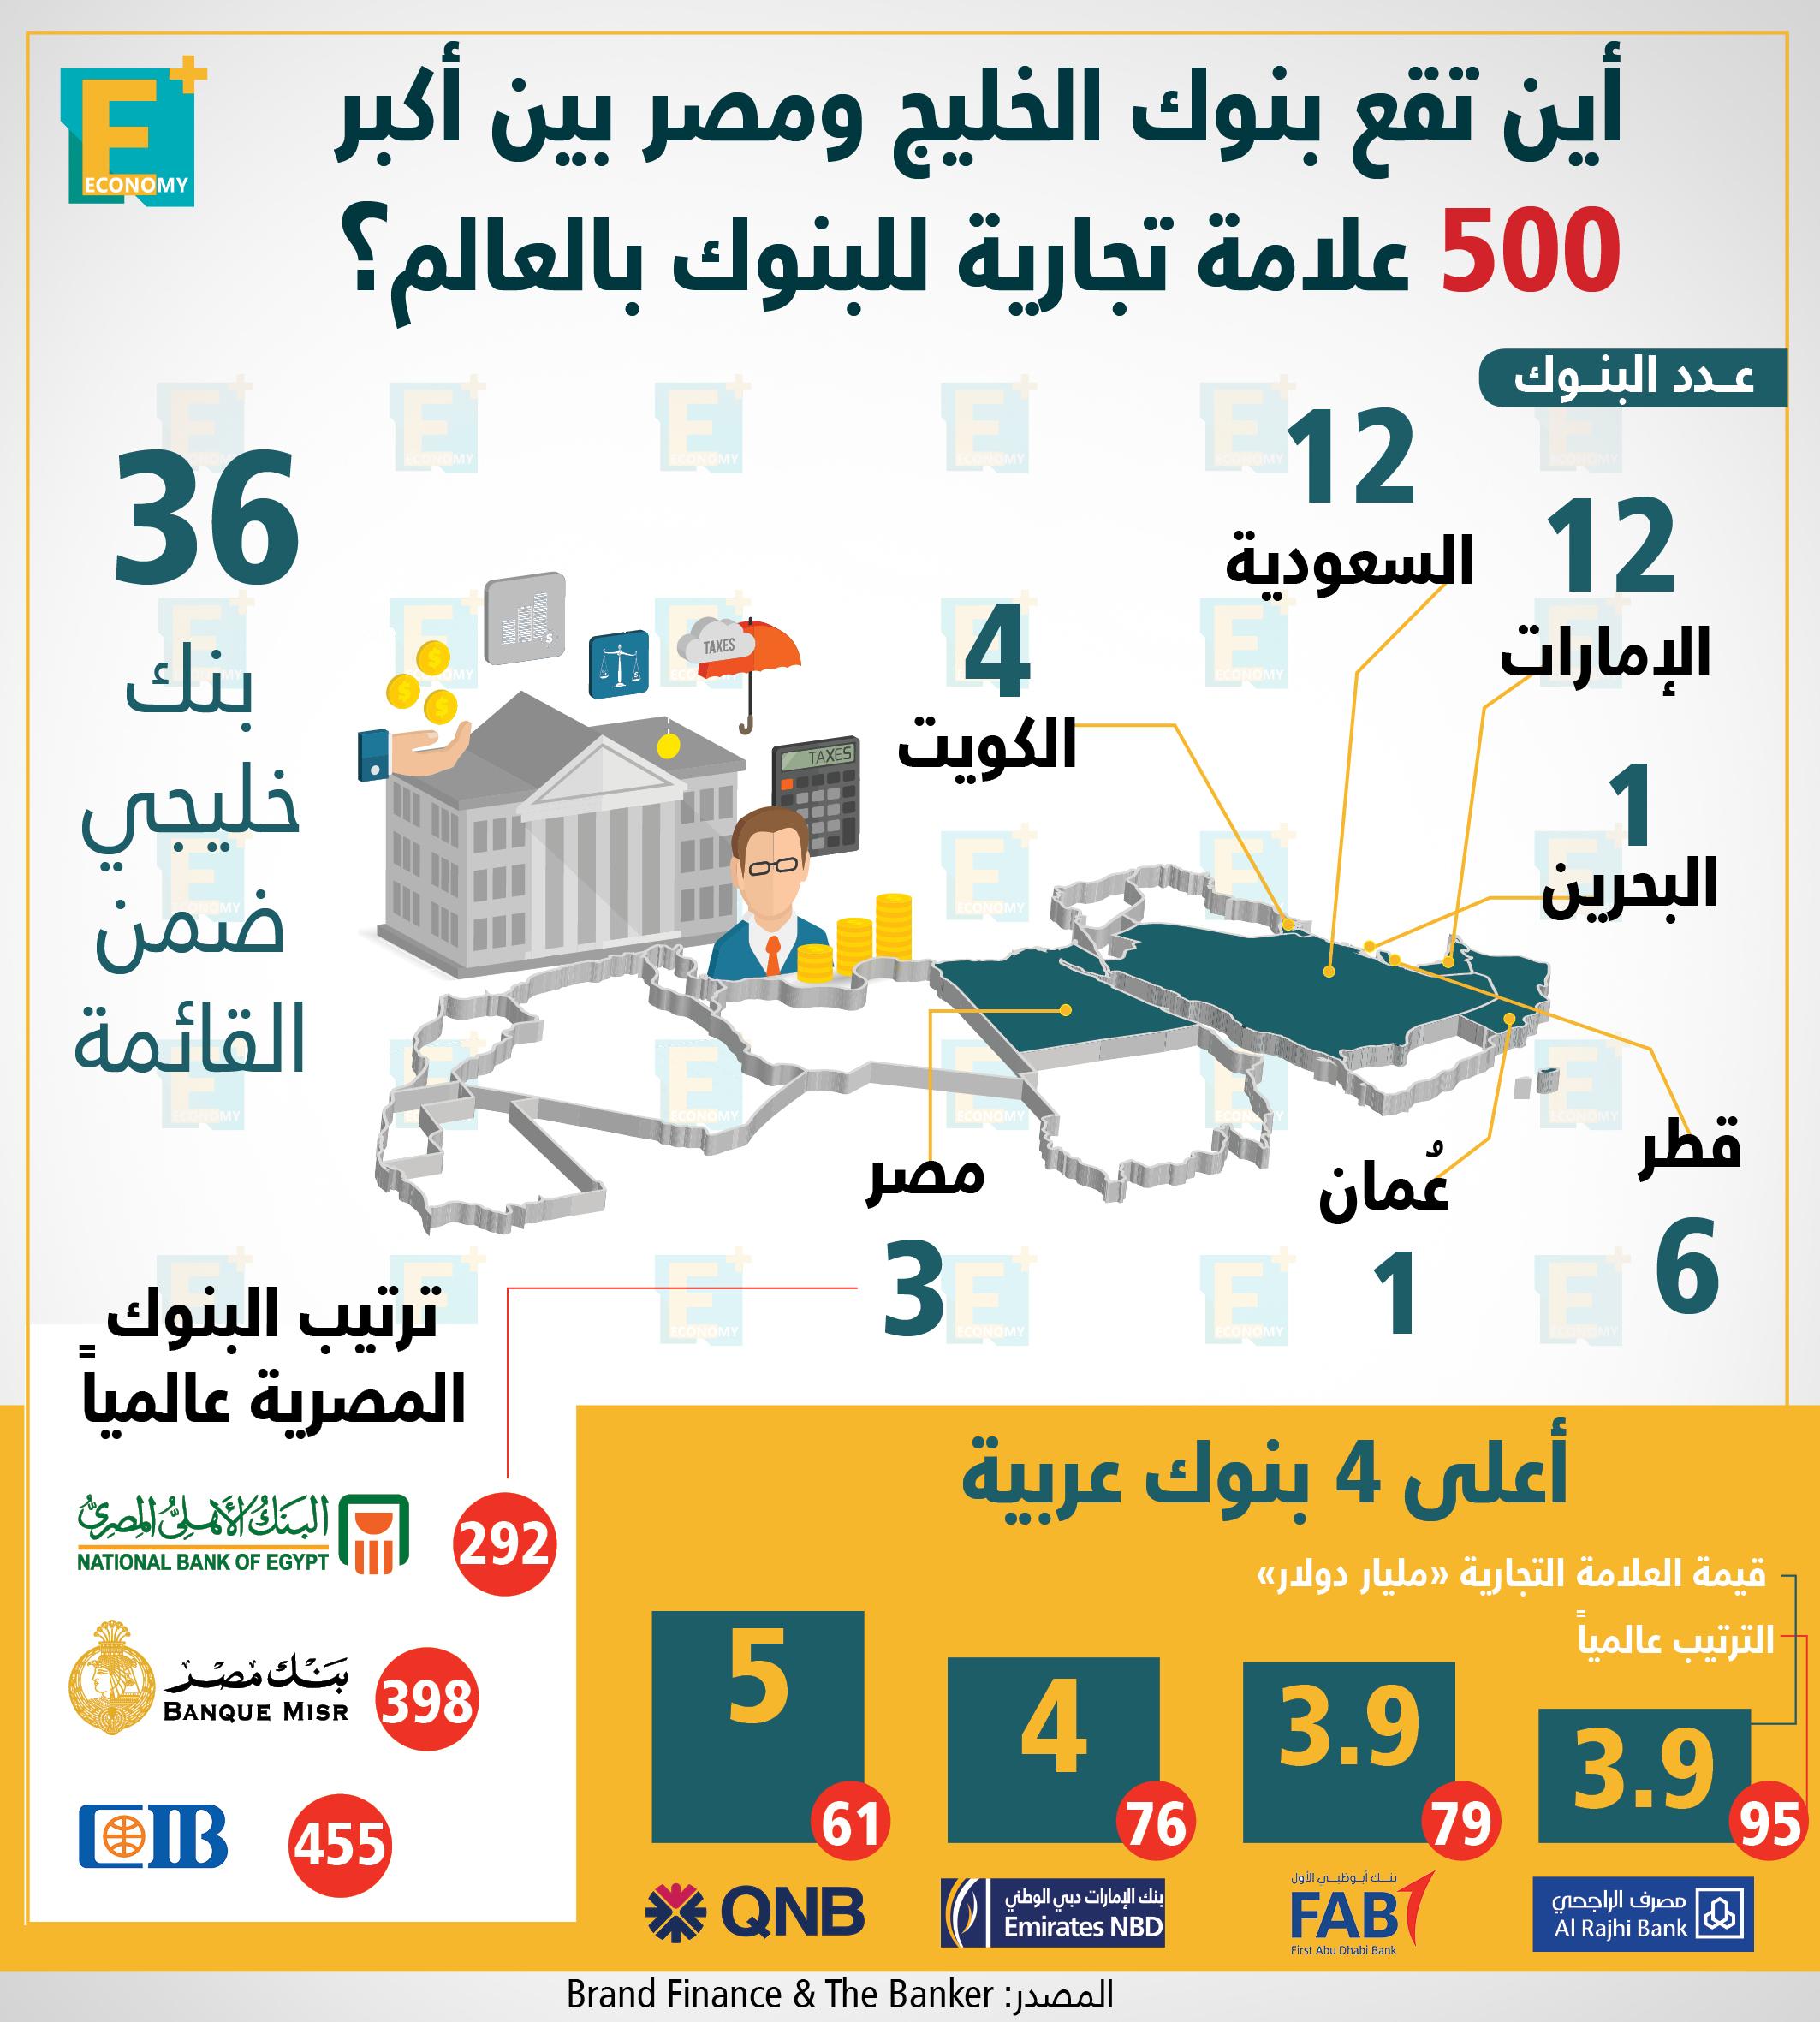 ترتيب بنوك الخليج ومصر بين أكبر 500 علامة تجارية